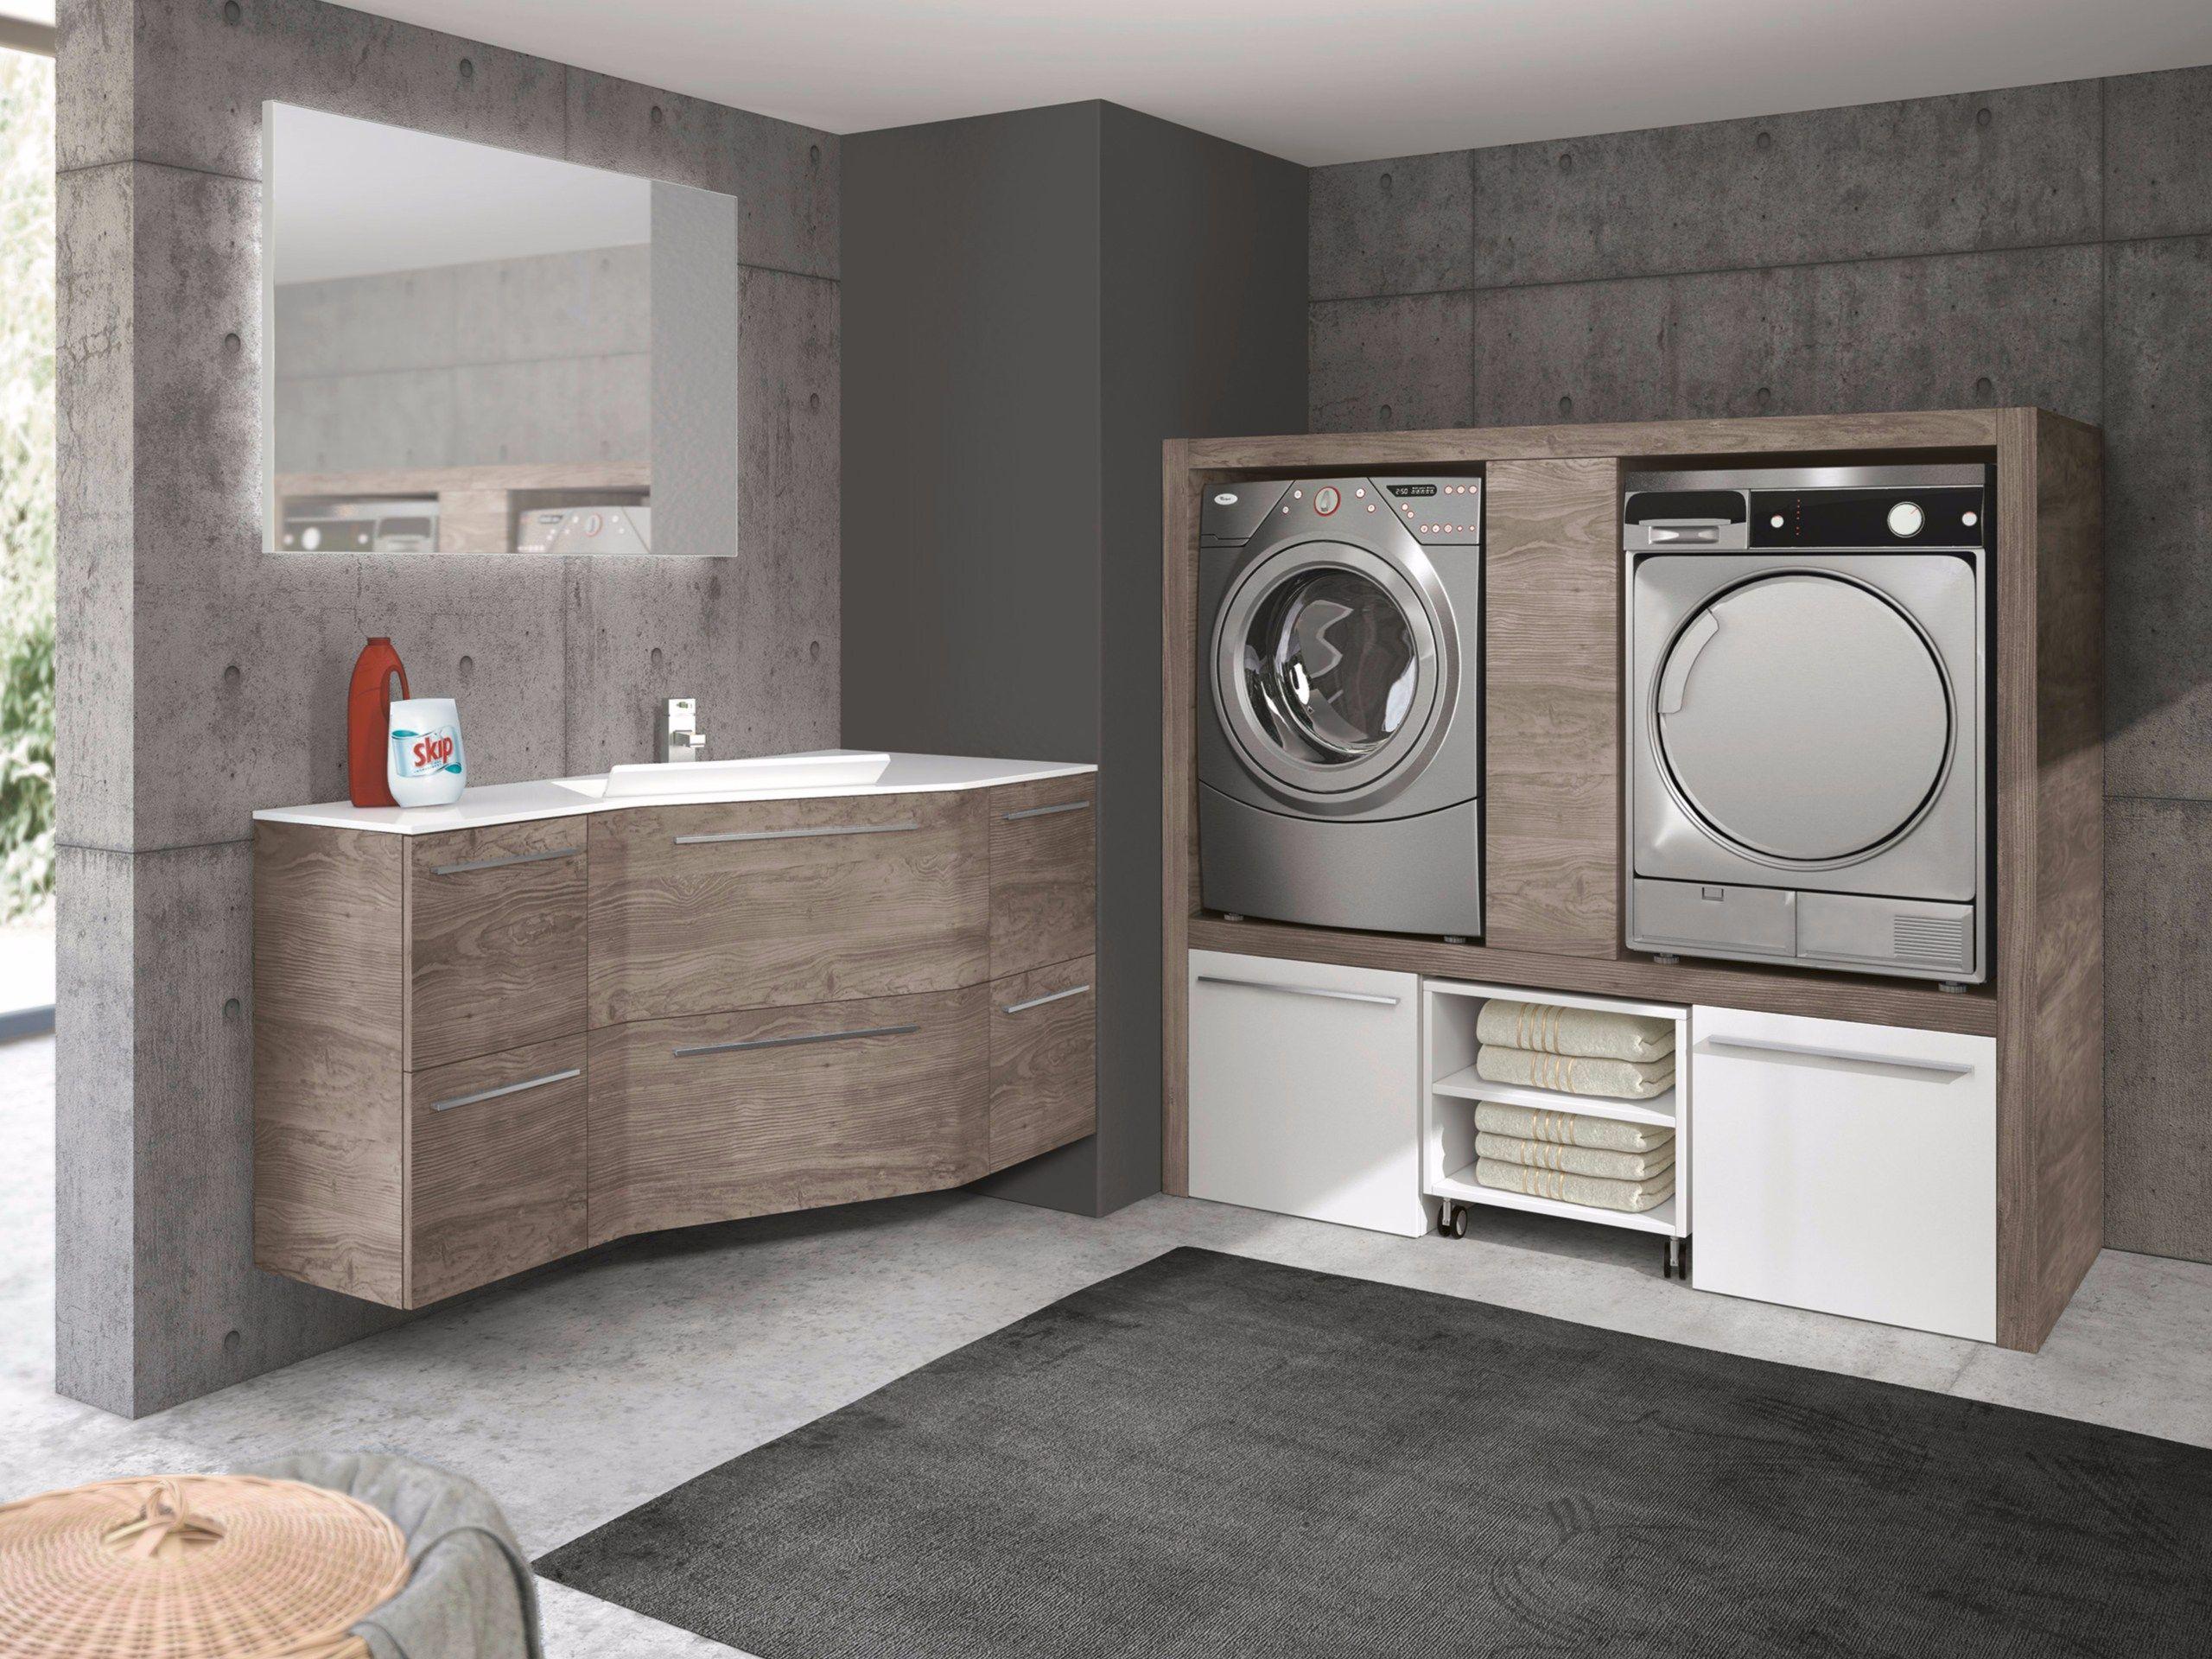 Waschküchenschränke | Waschküche Und Haushaltsreinigung | Archiproducts